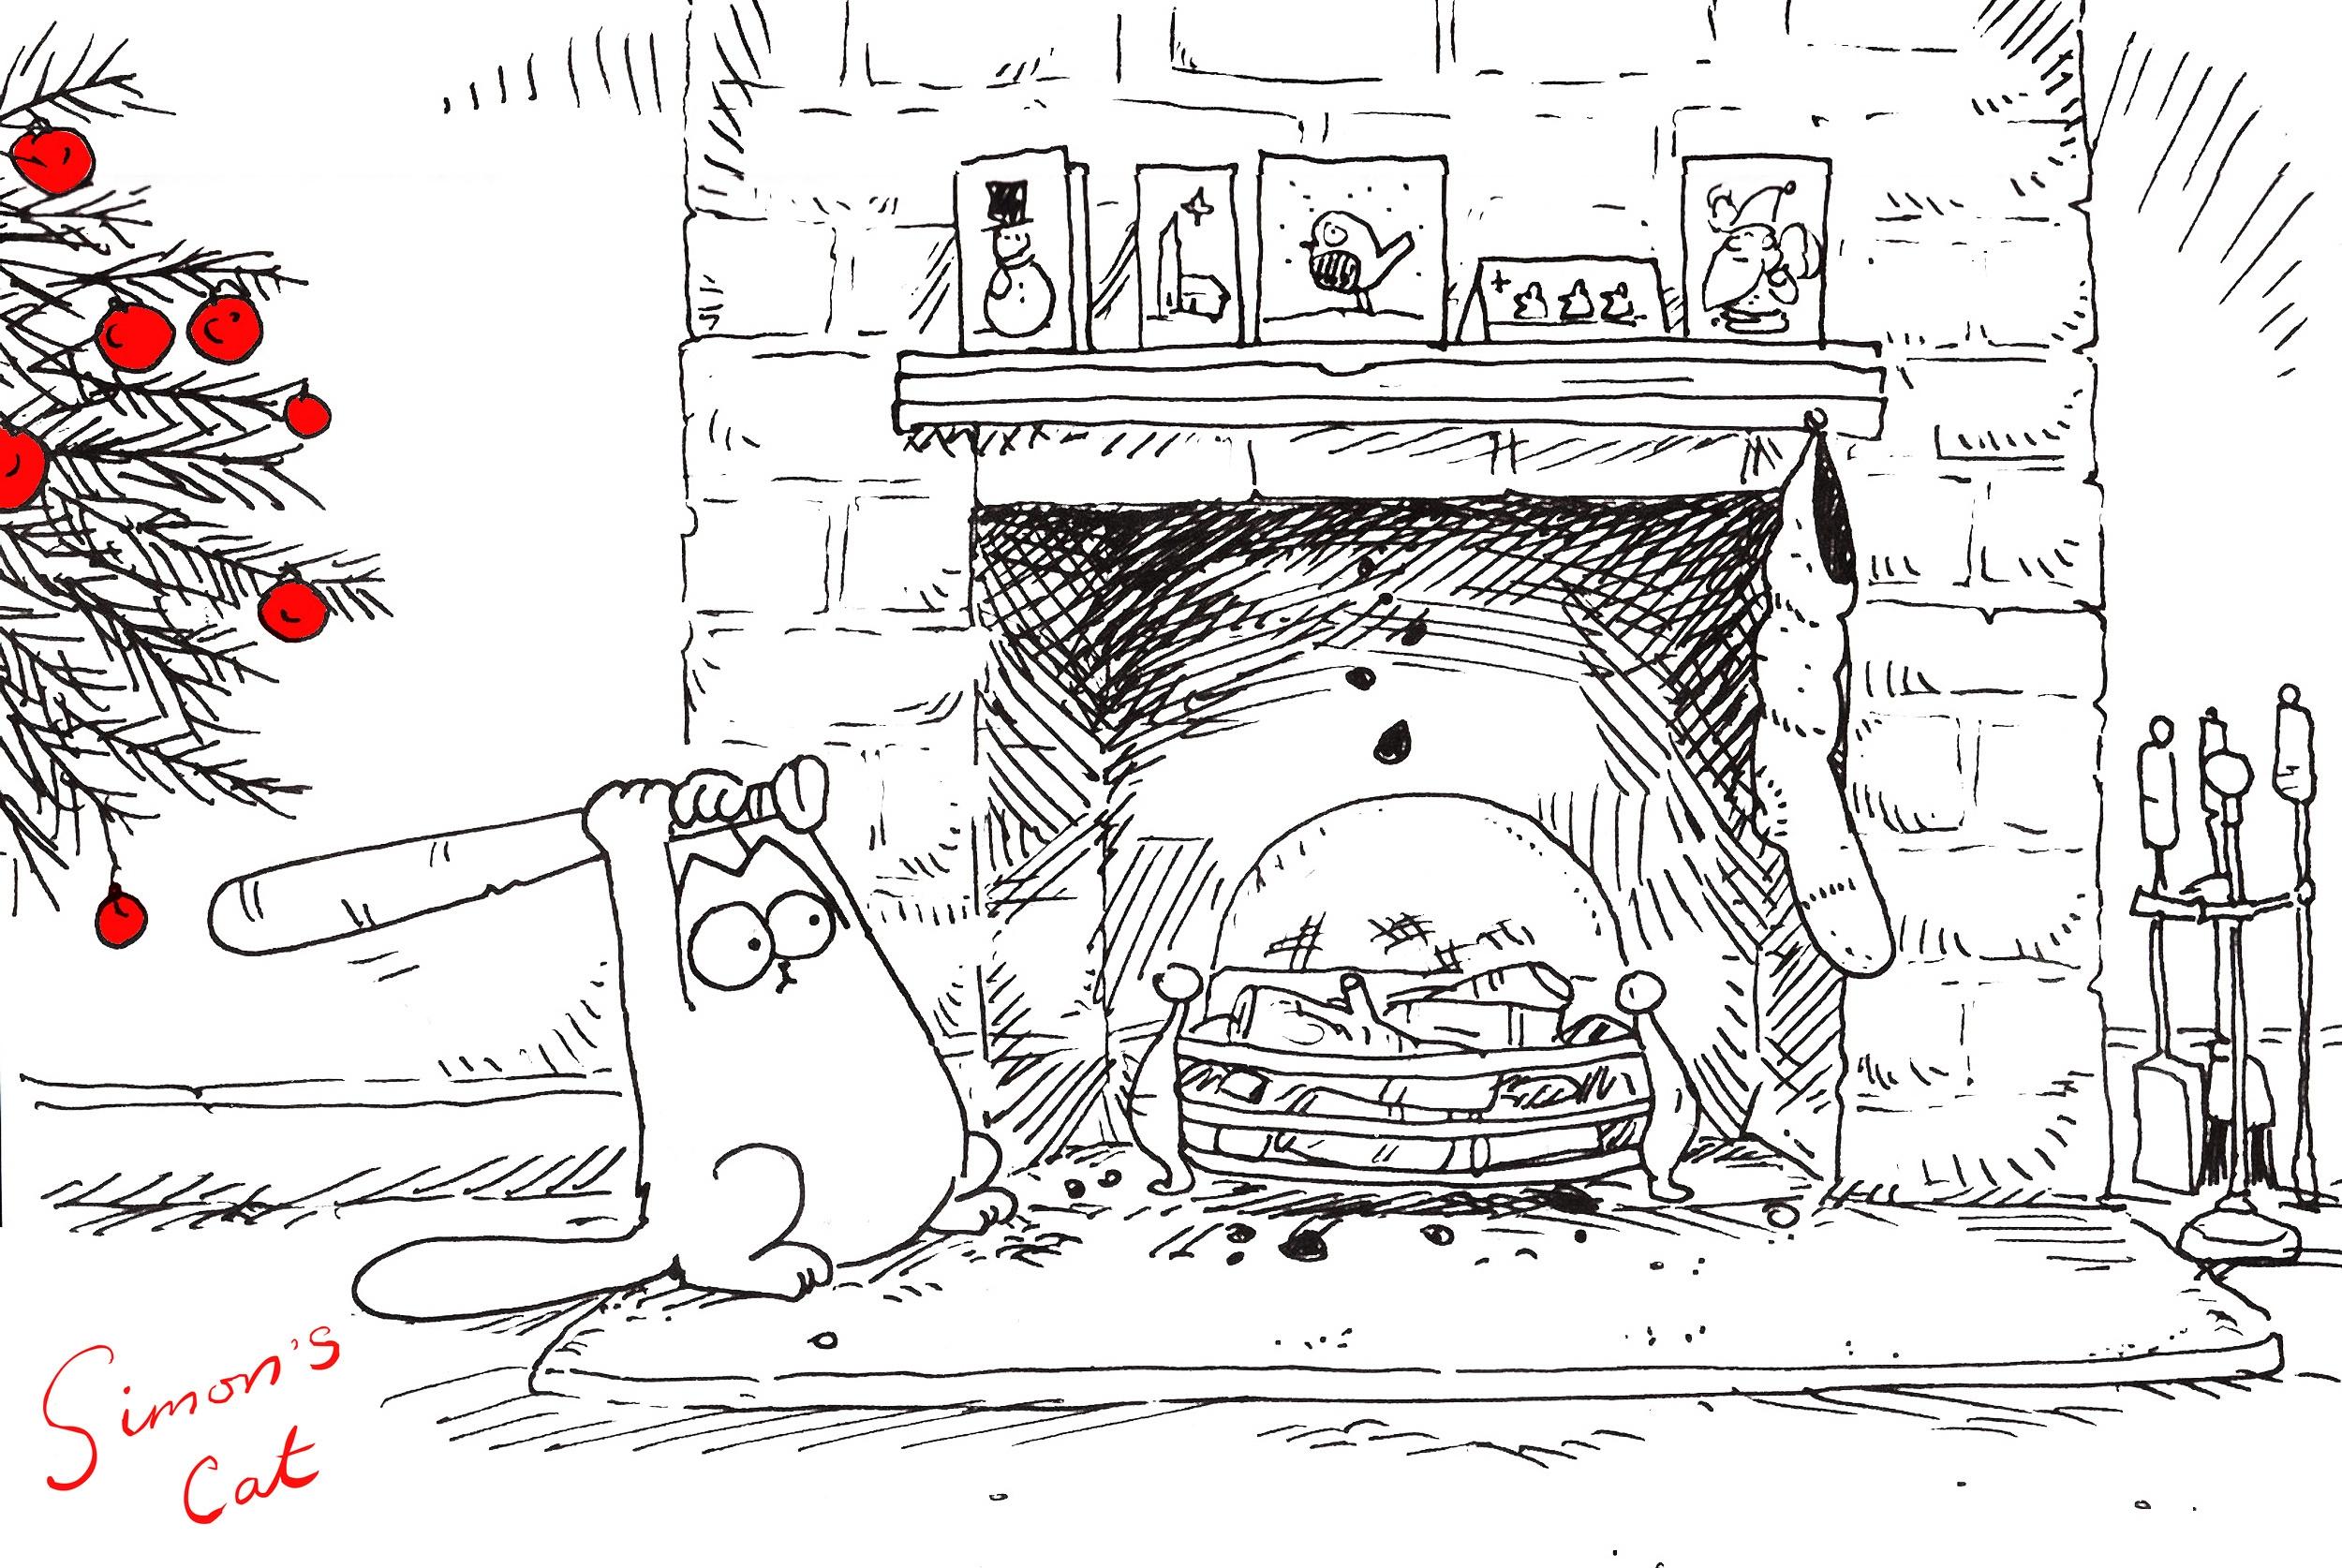 сообщил поздравление на новый год рисунок карандашом котики машкова фото